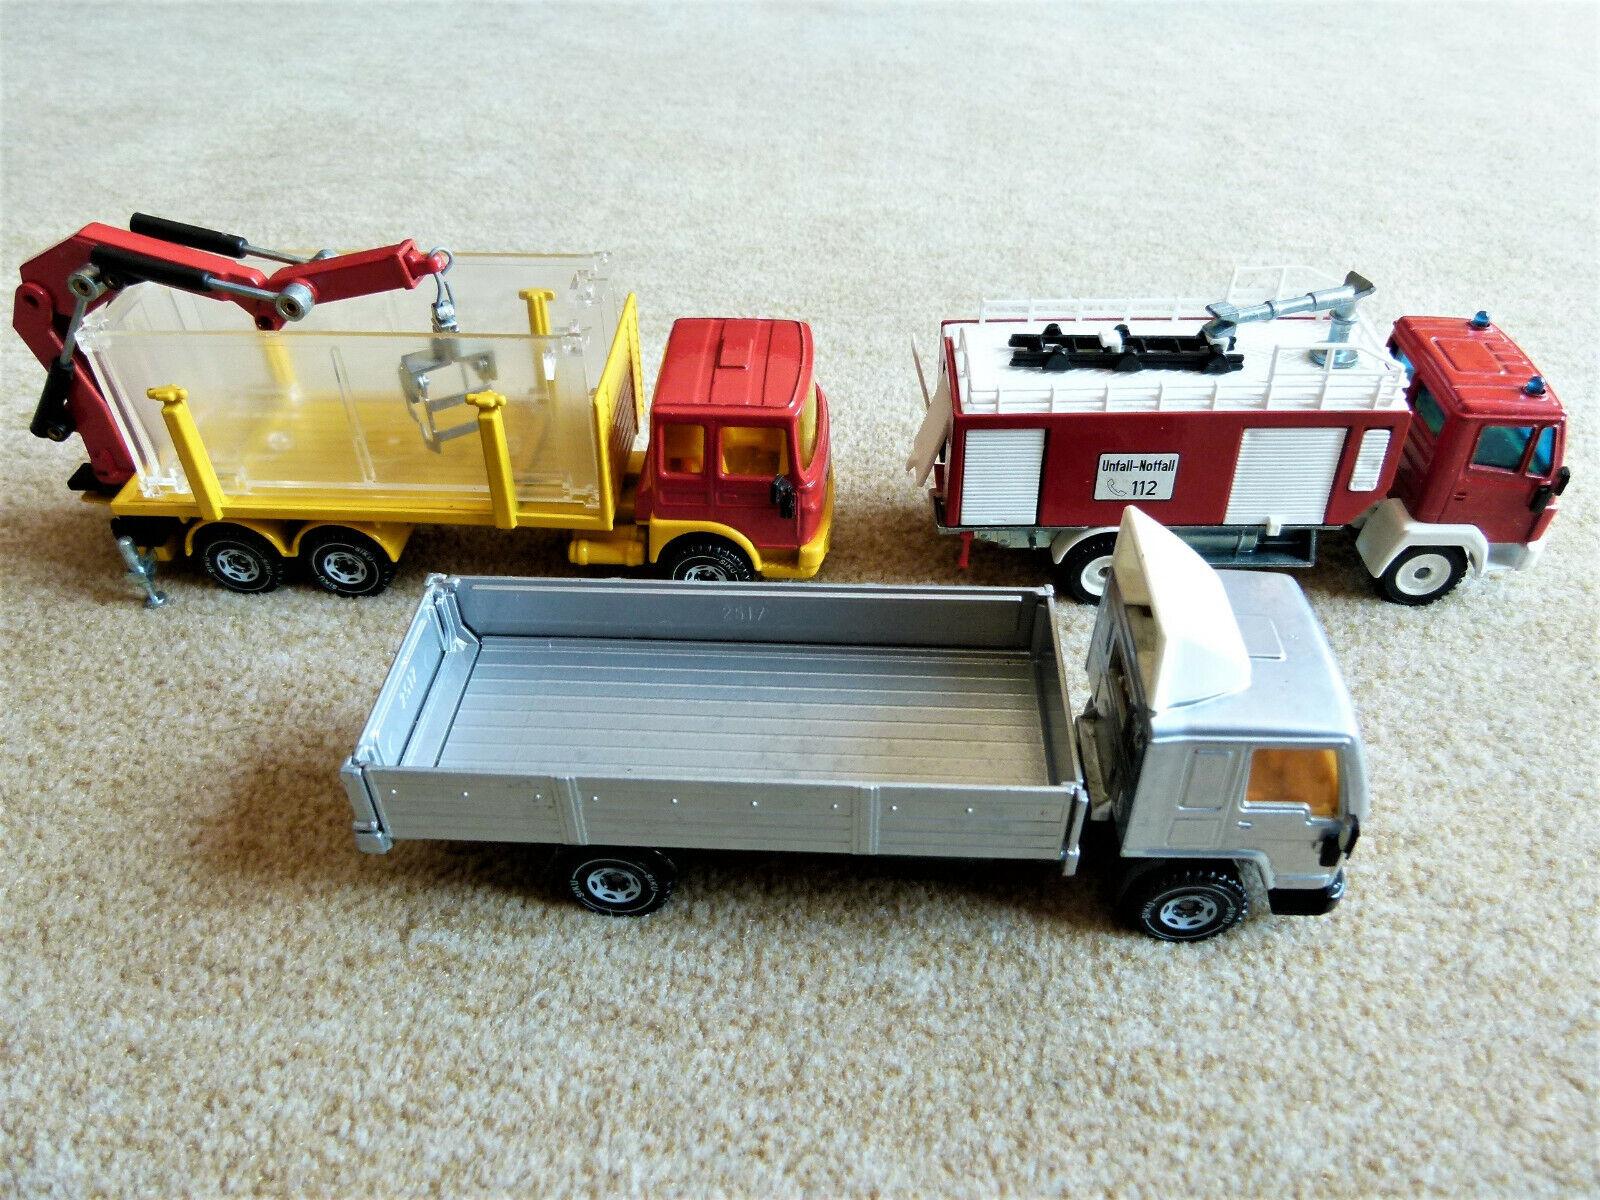 4 modelos siku camiones bomberos ladekran pistas Bully vehículos partidas camiones